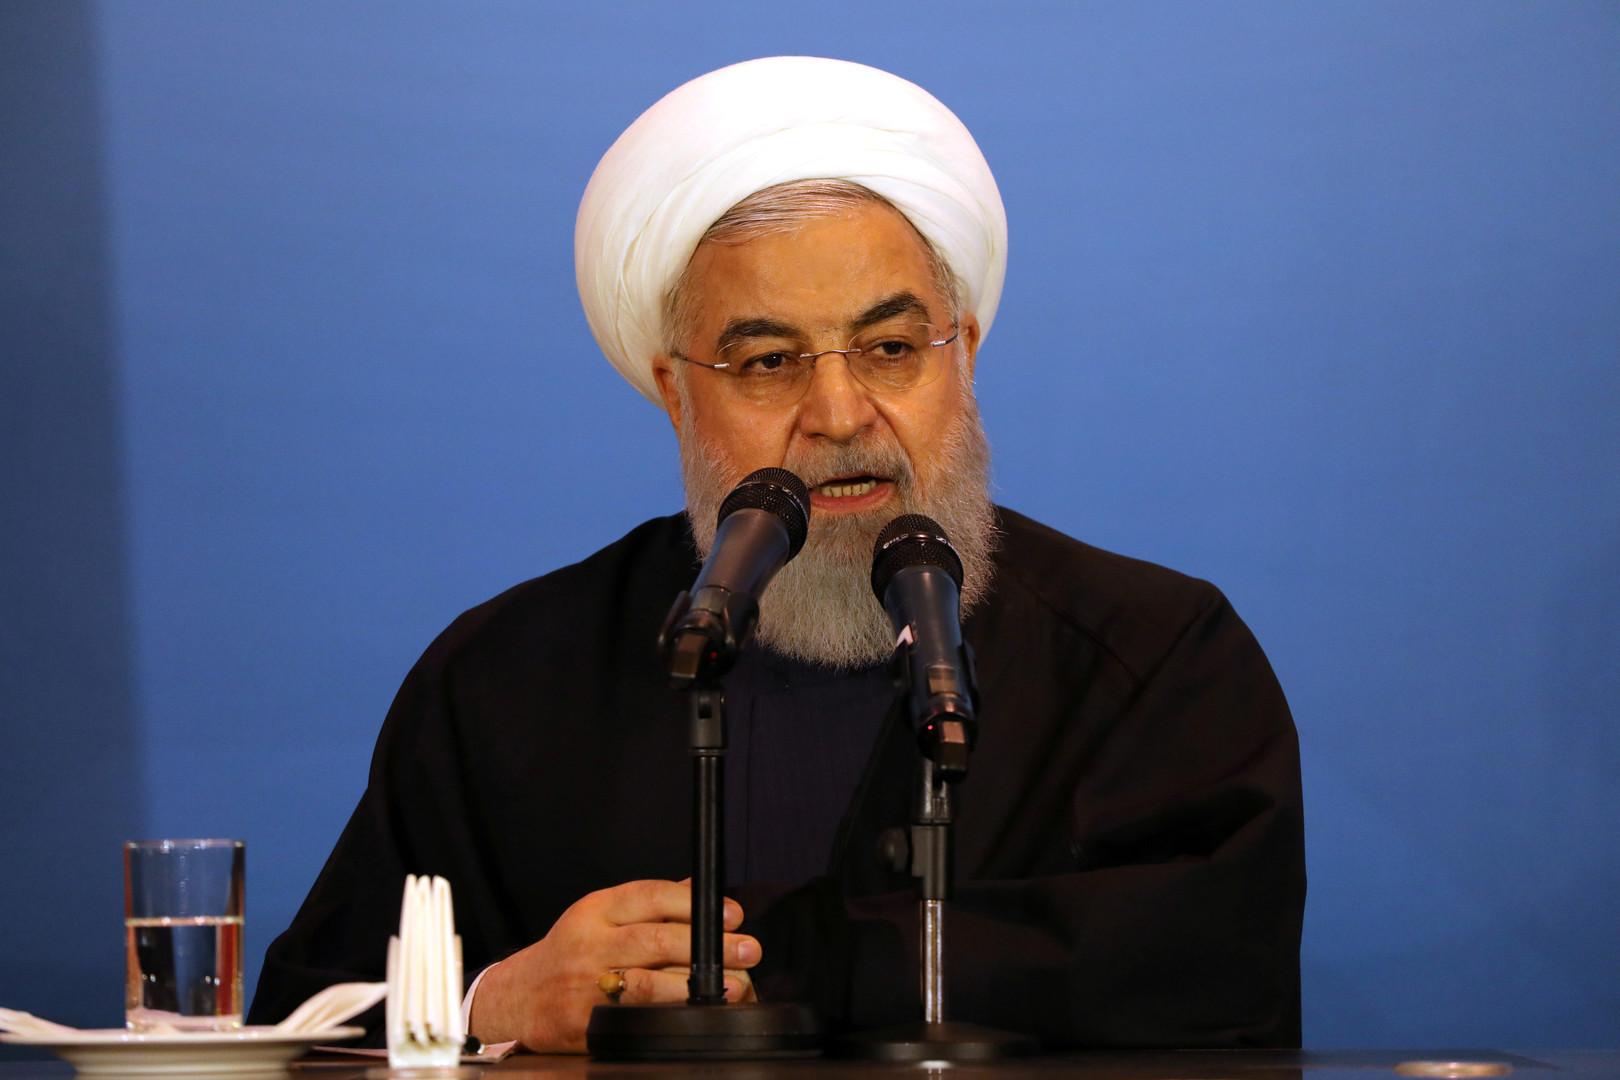 روحاني: لسنا جاهزين للتفاوض مع واشنطن في الظروف الراهنة ولن نستسلم أمام أي ترهيب